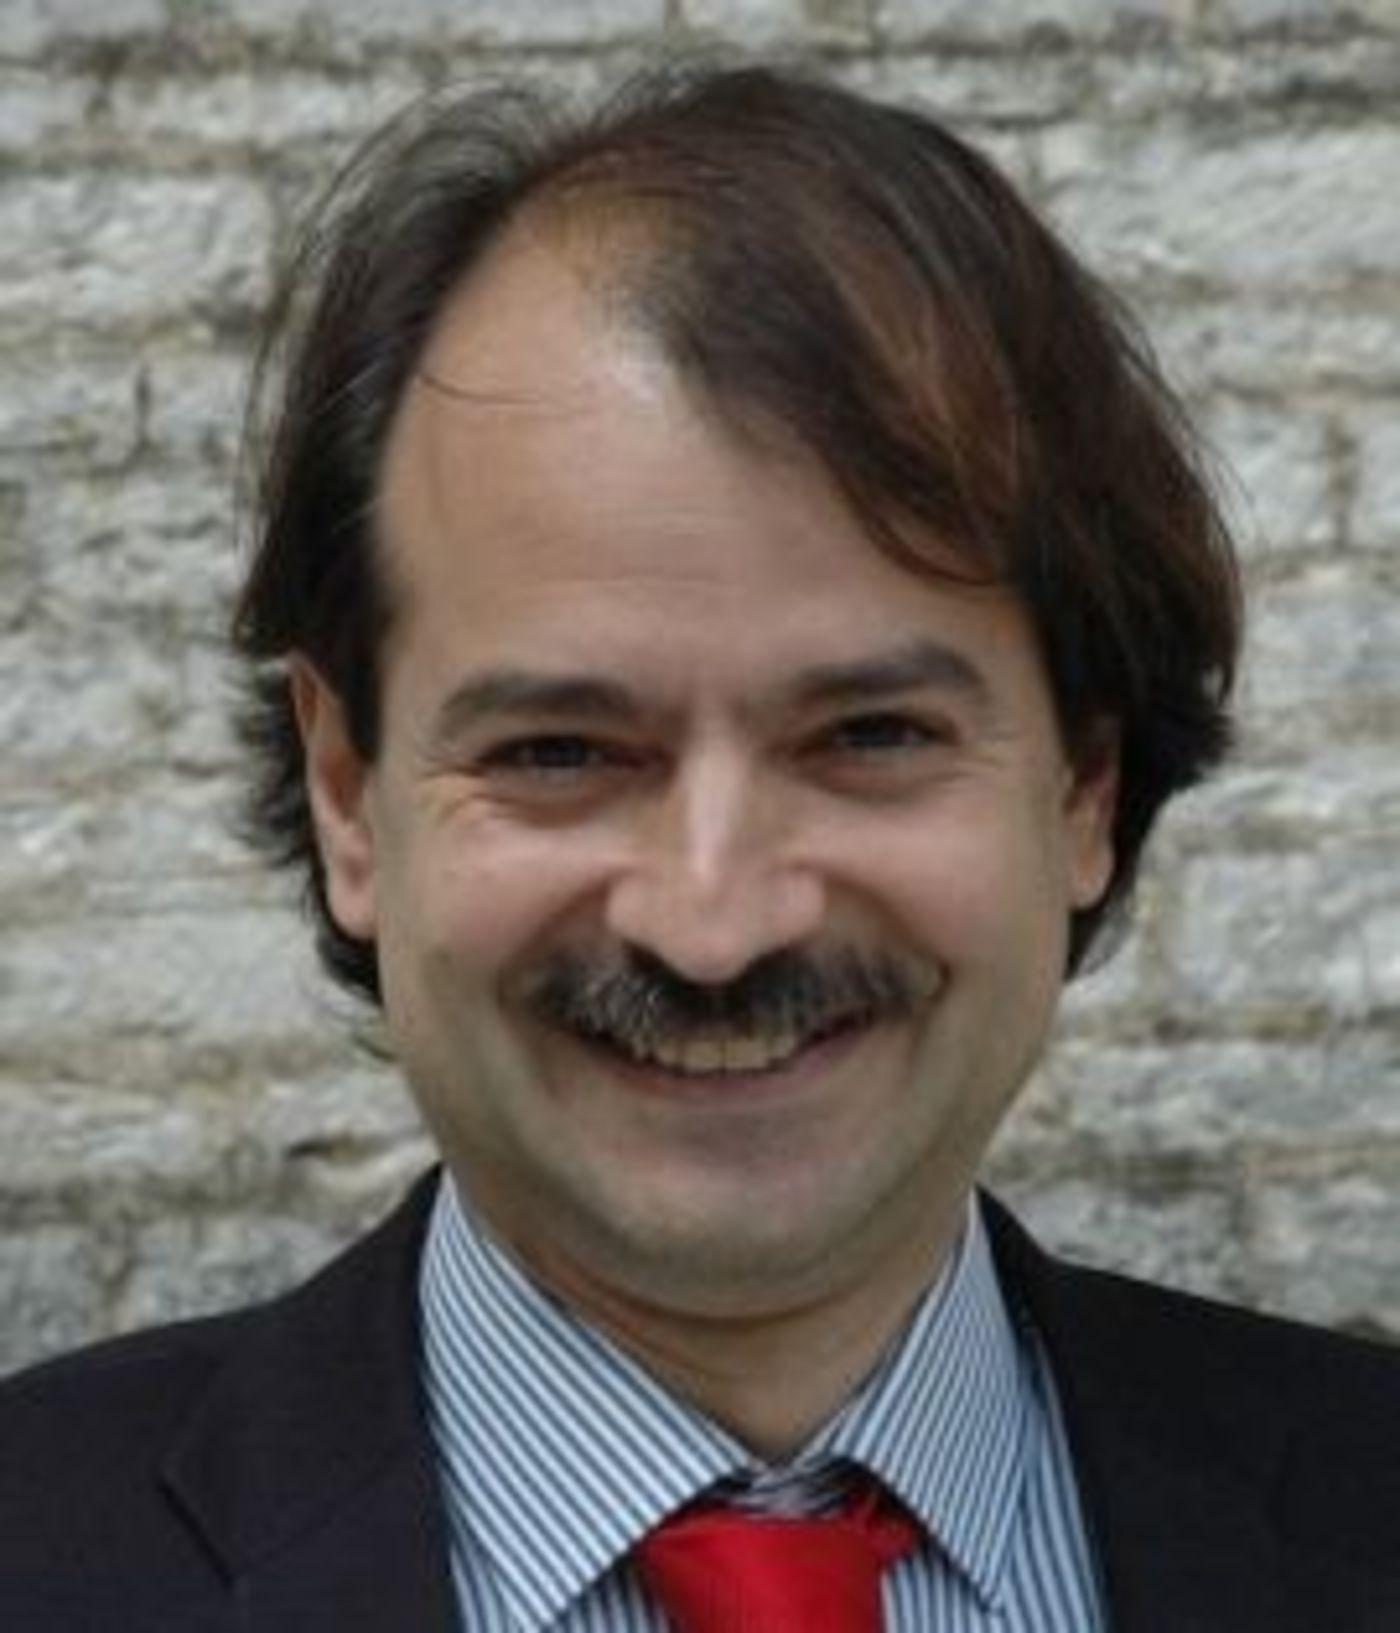 论文作者之一斯坦福教授 John P.A. Ioannidis